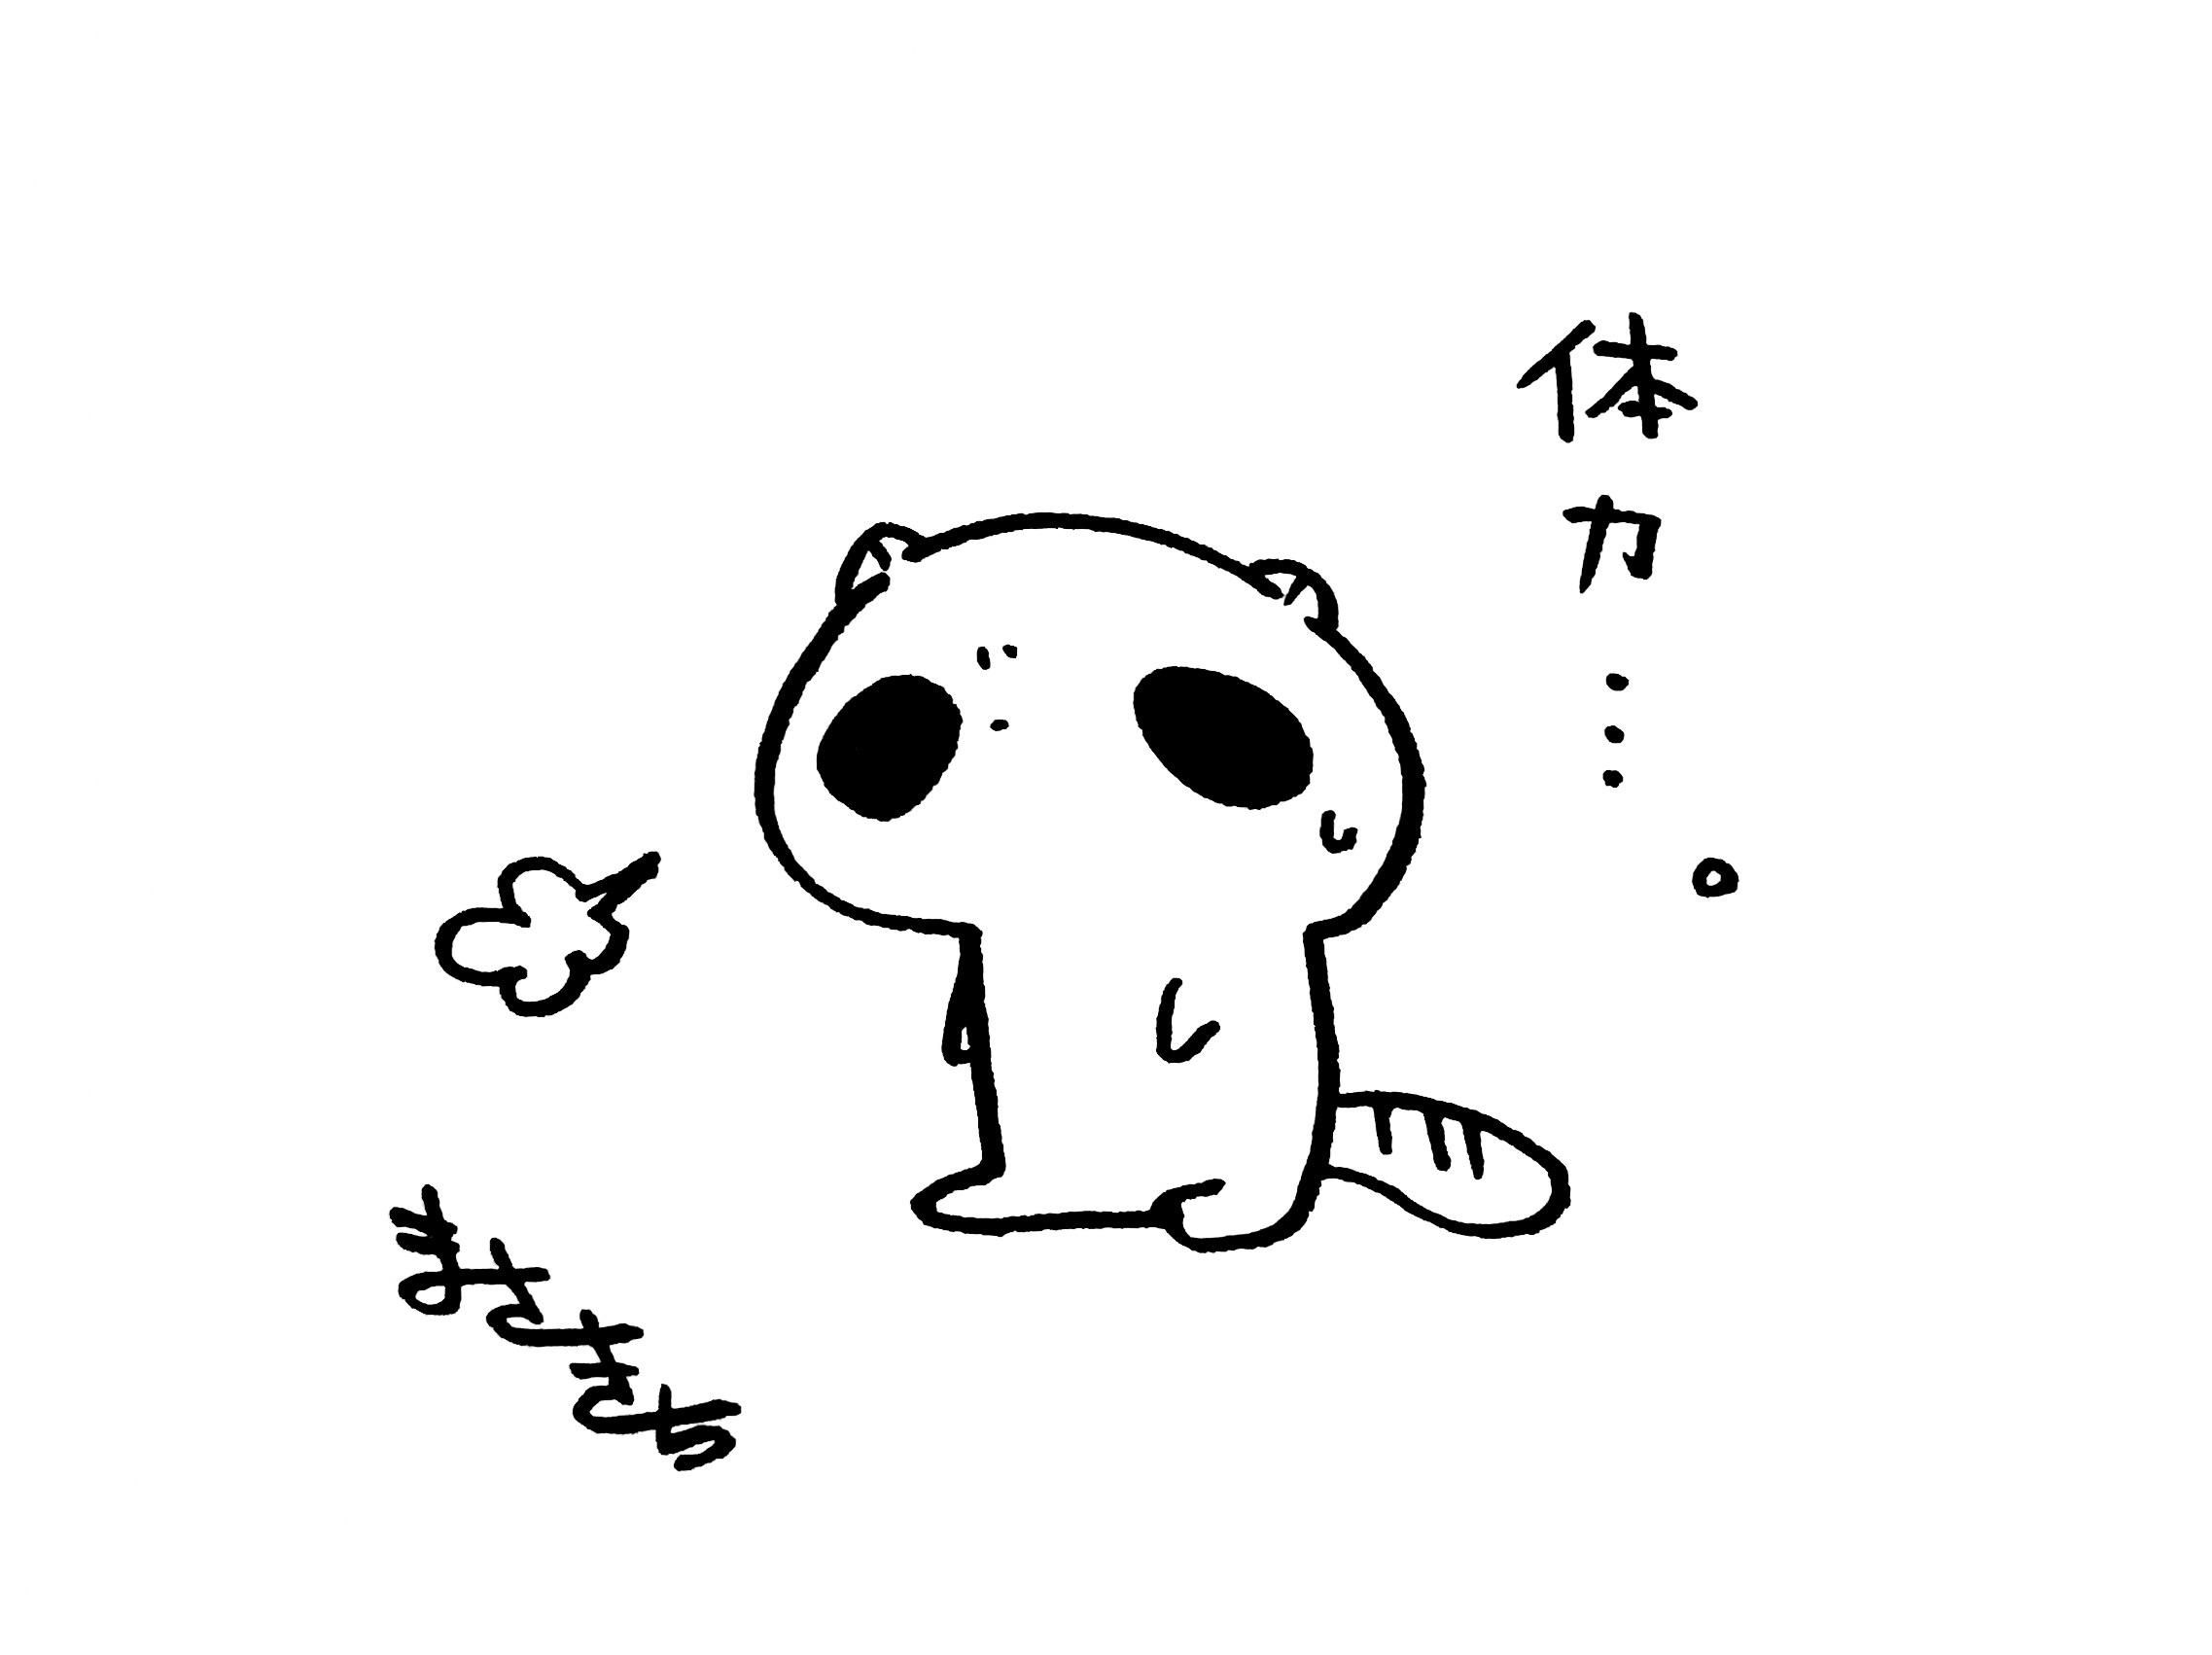 f:id:miyamasaki:20170808034550j:image